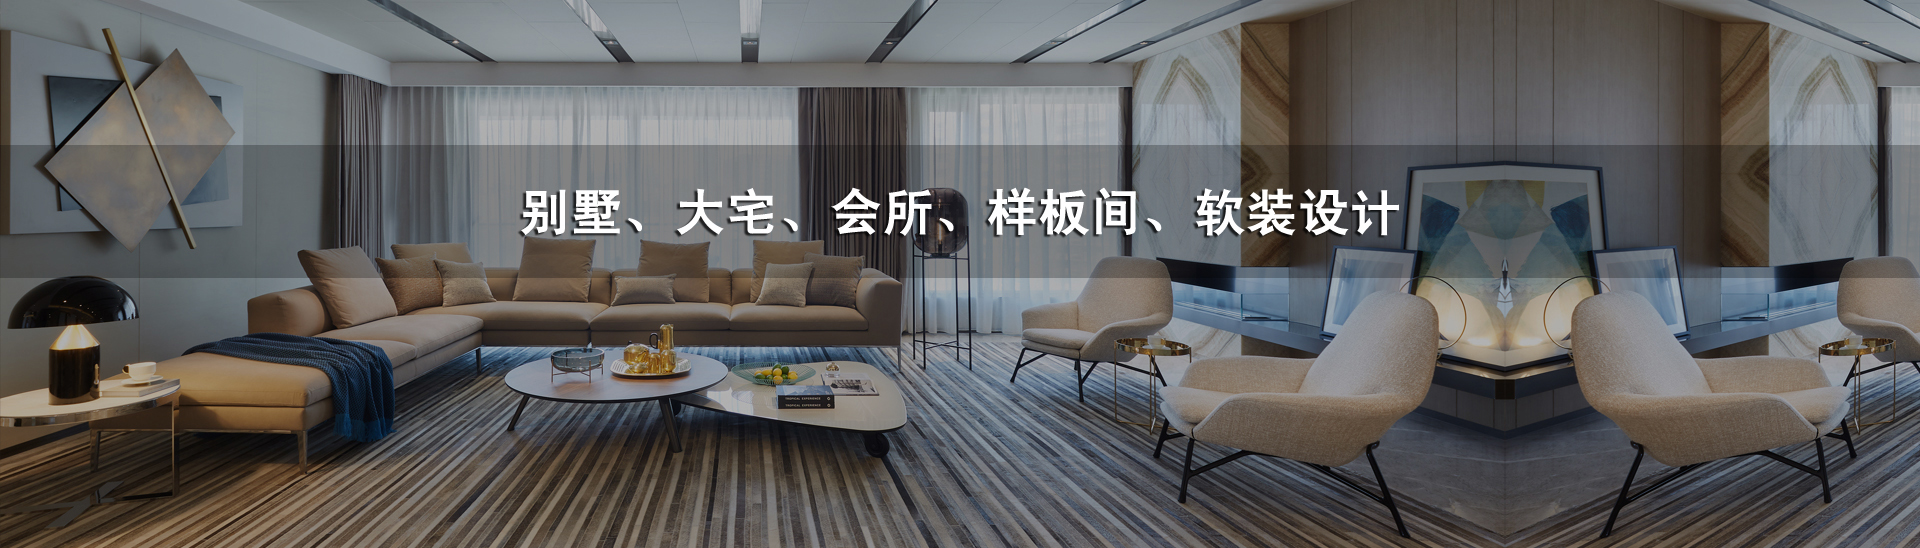 青岛别墅设计